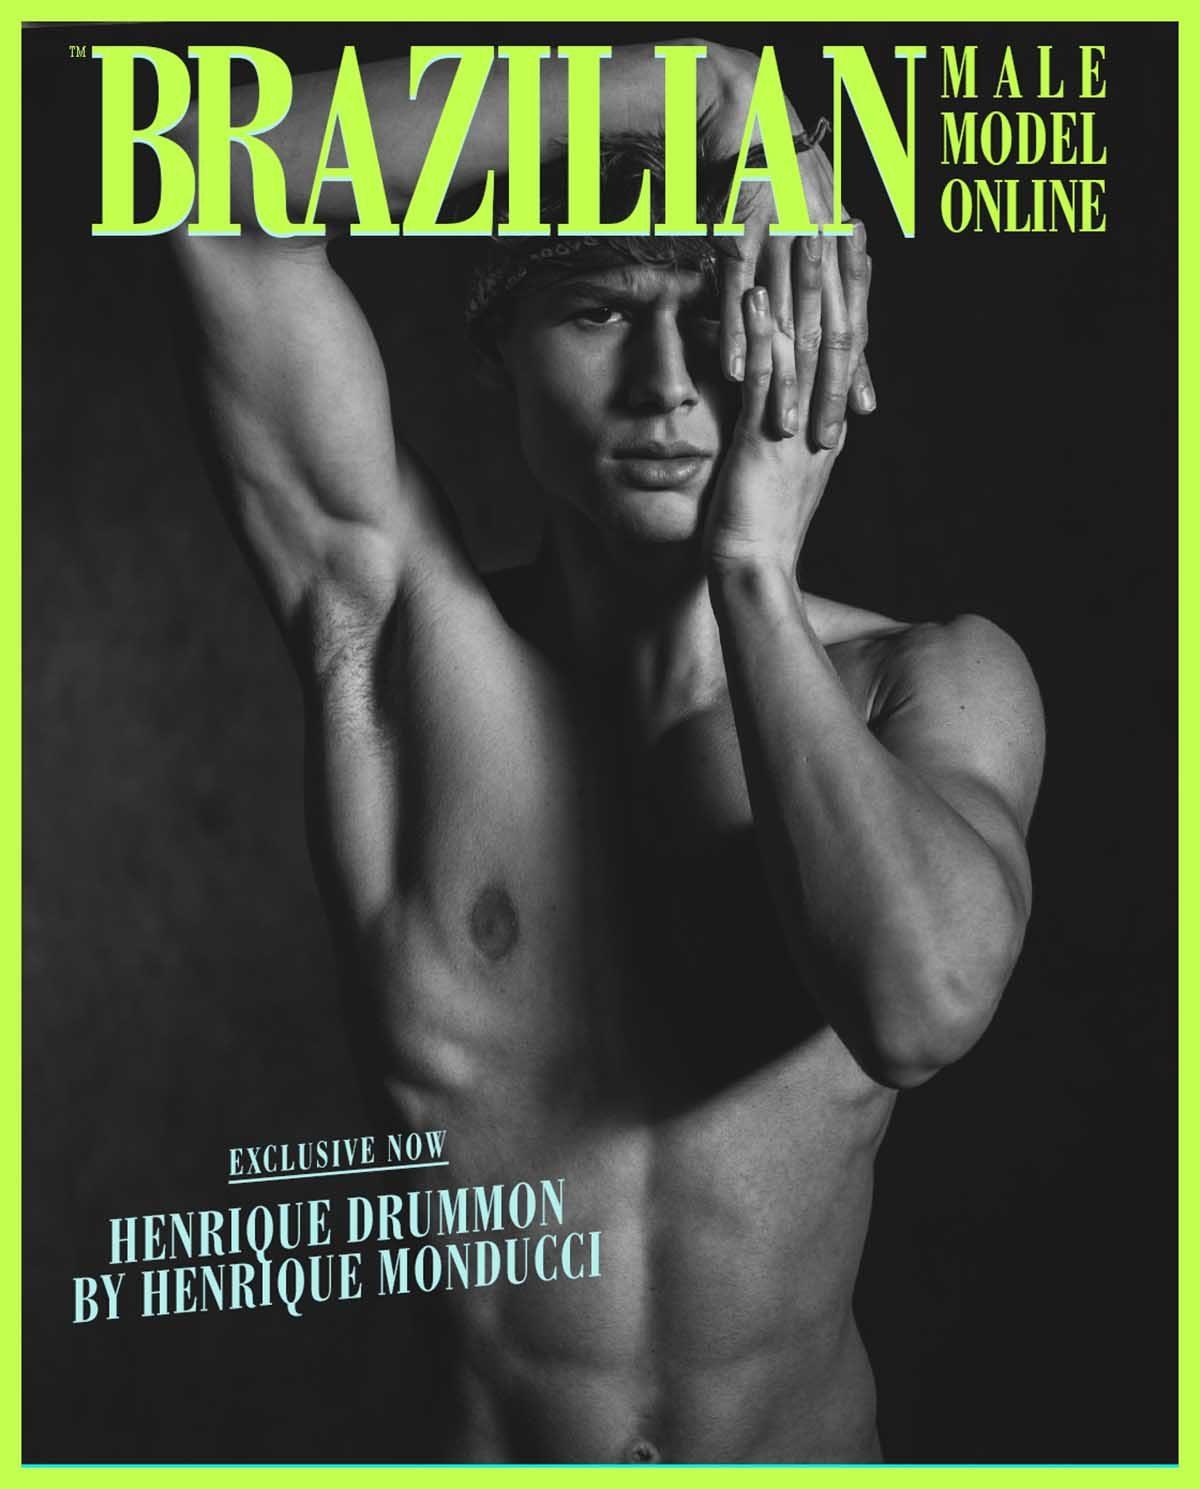 Henrique Drummon by Henrique Monducci